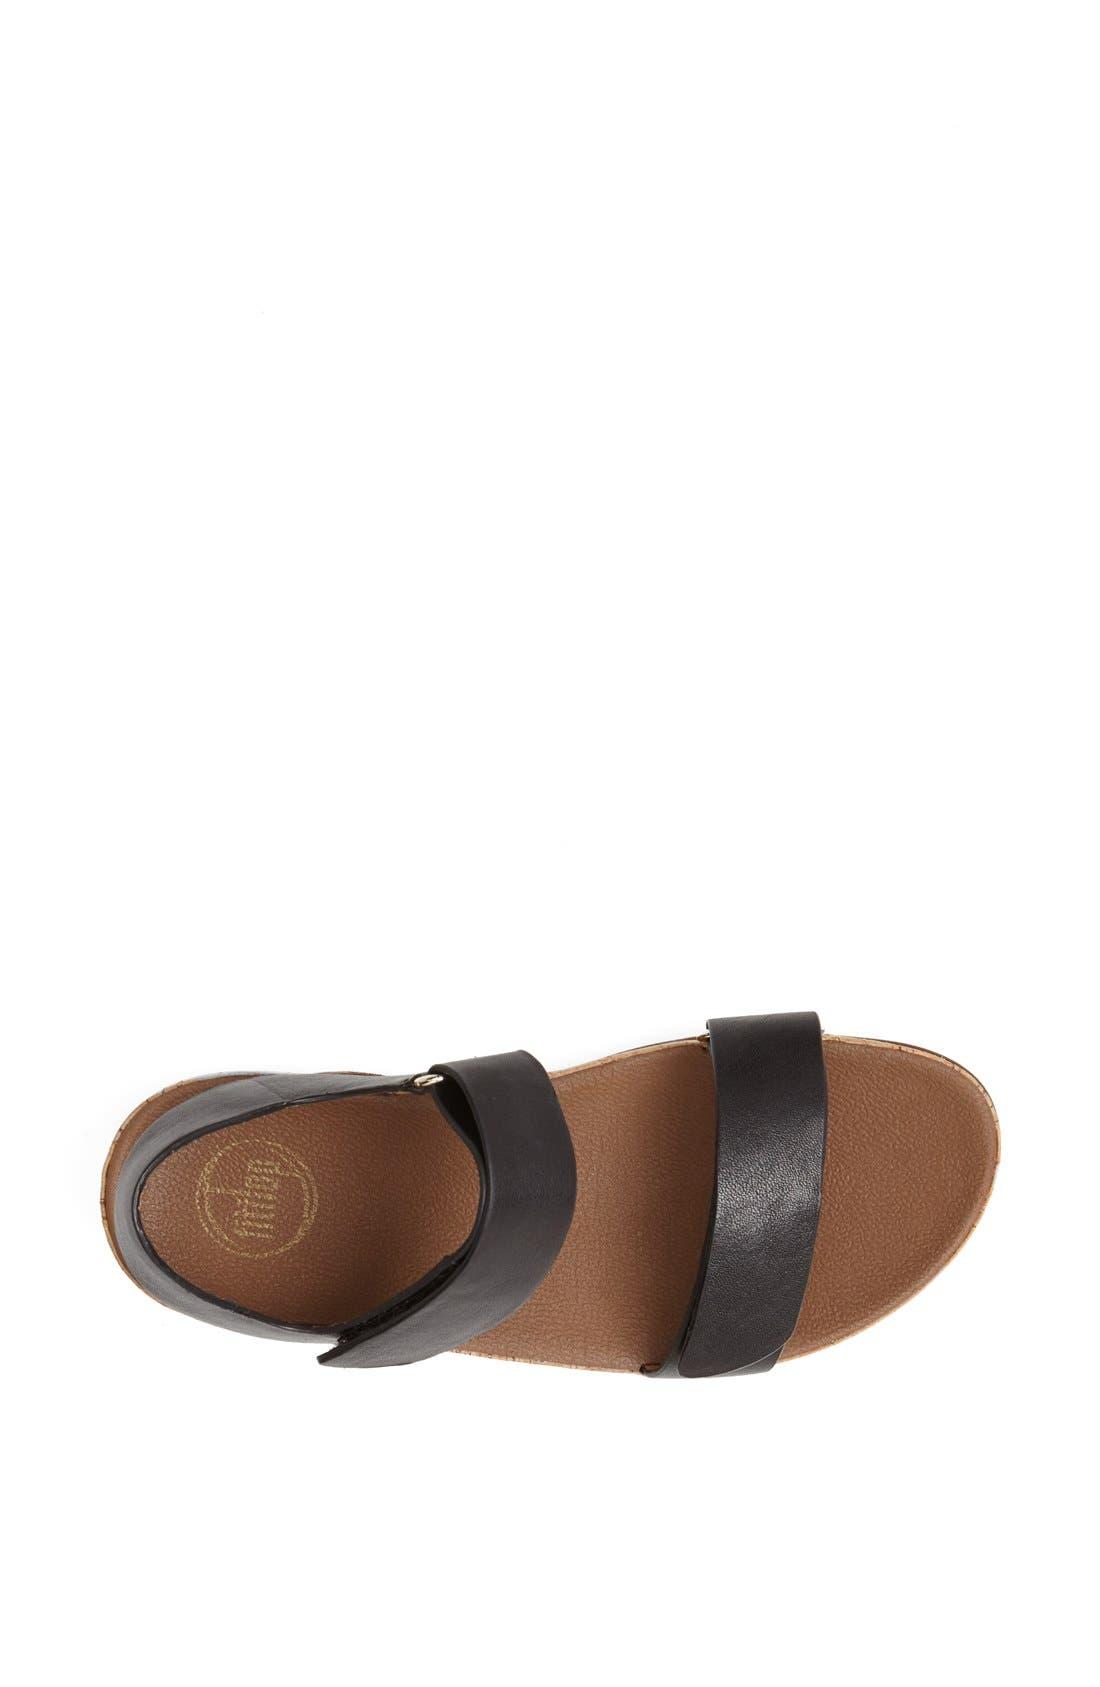 Alternate Image 3  - FitFlop 'Bon Easy' Sandal